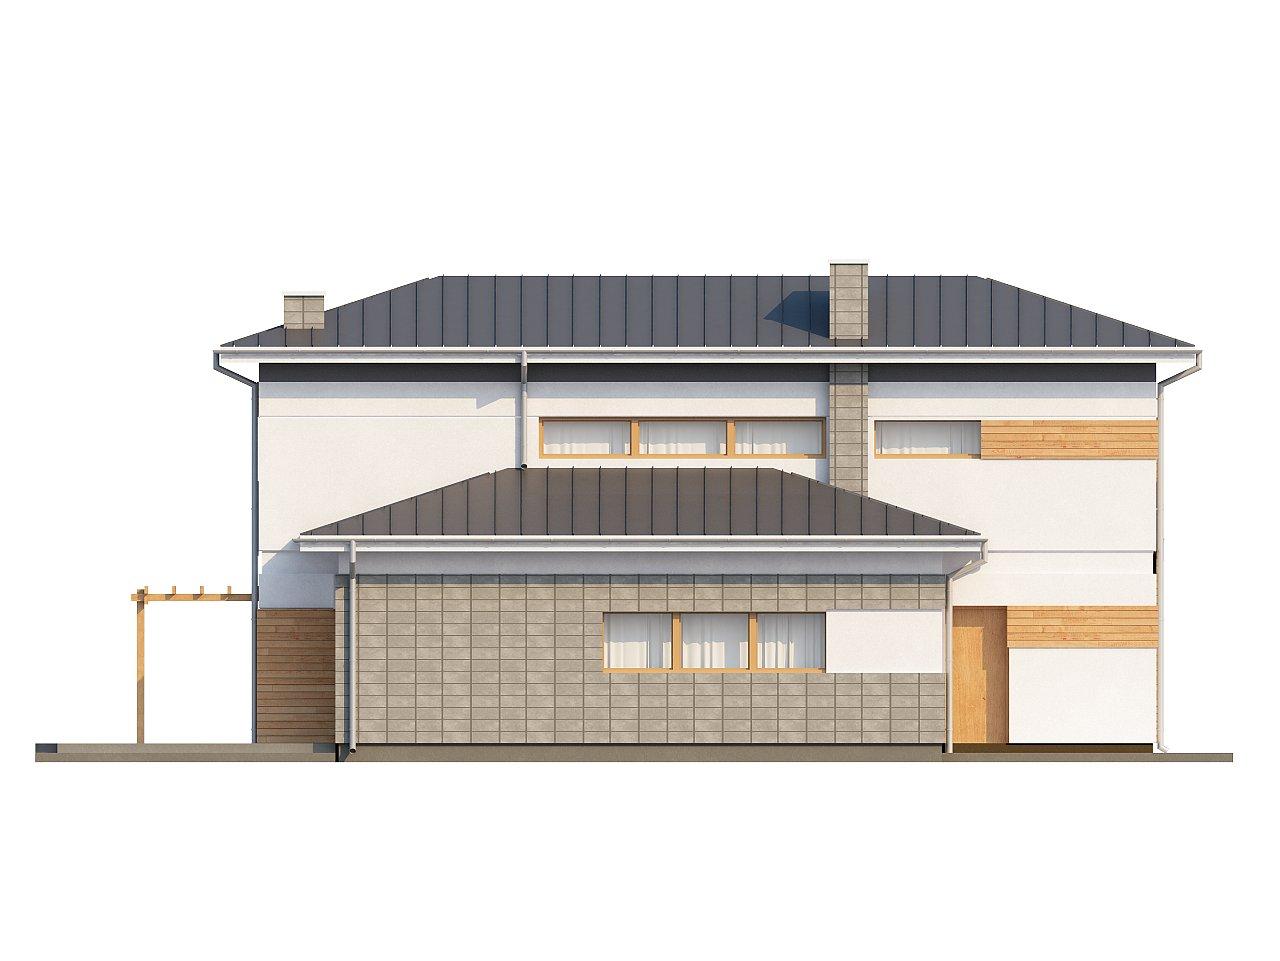 Проект удобного двухэтажного дома в стиле модерн с боковым гаражом. - фото 6